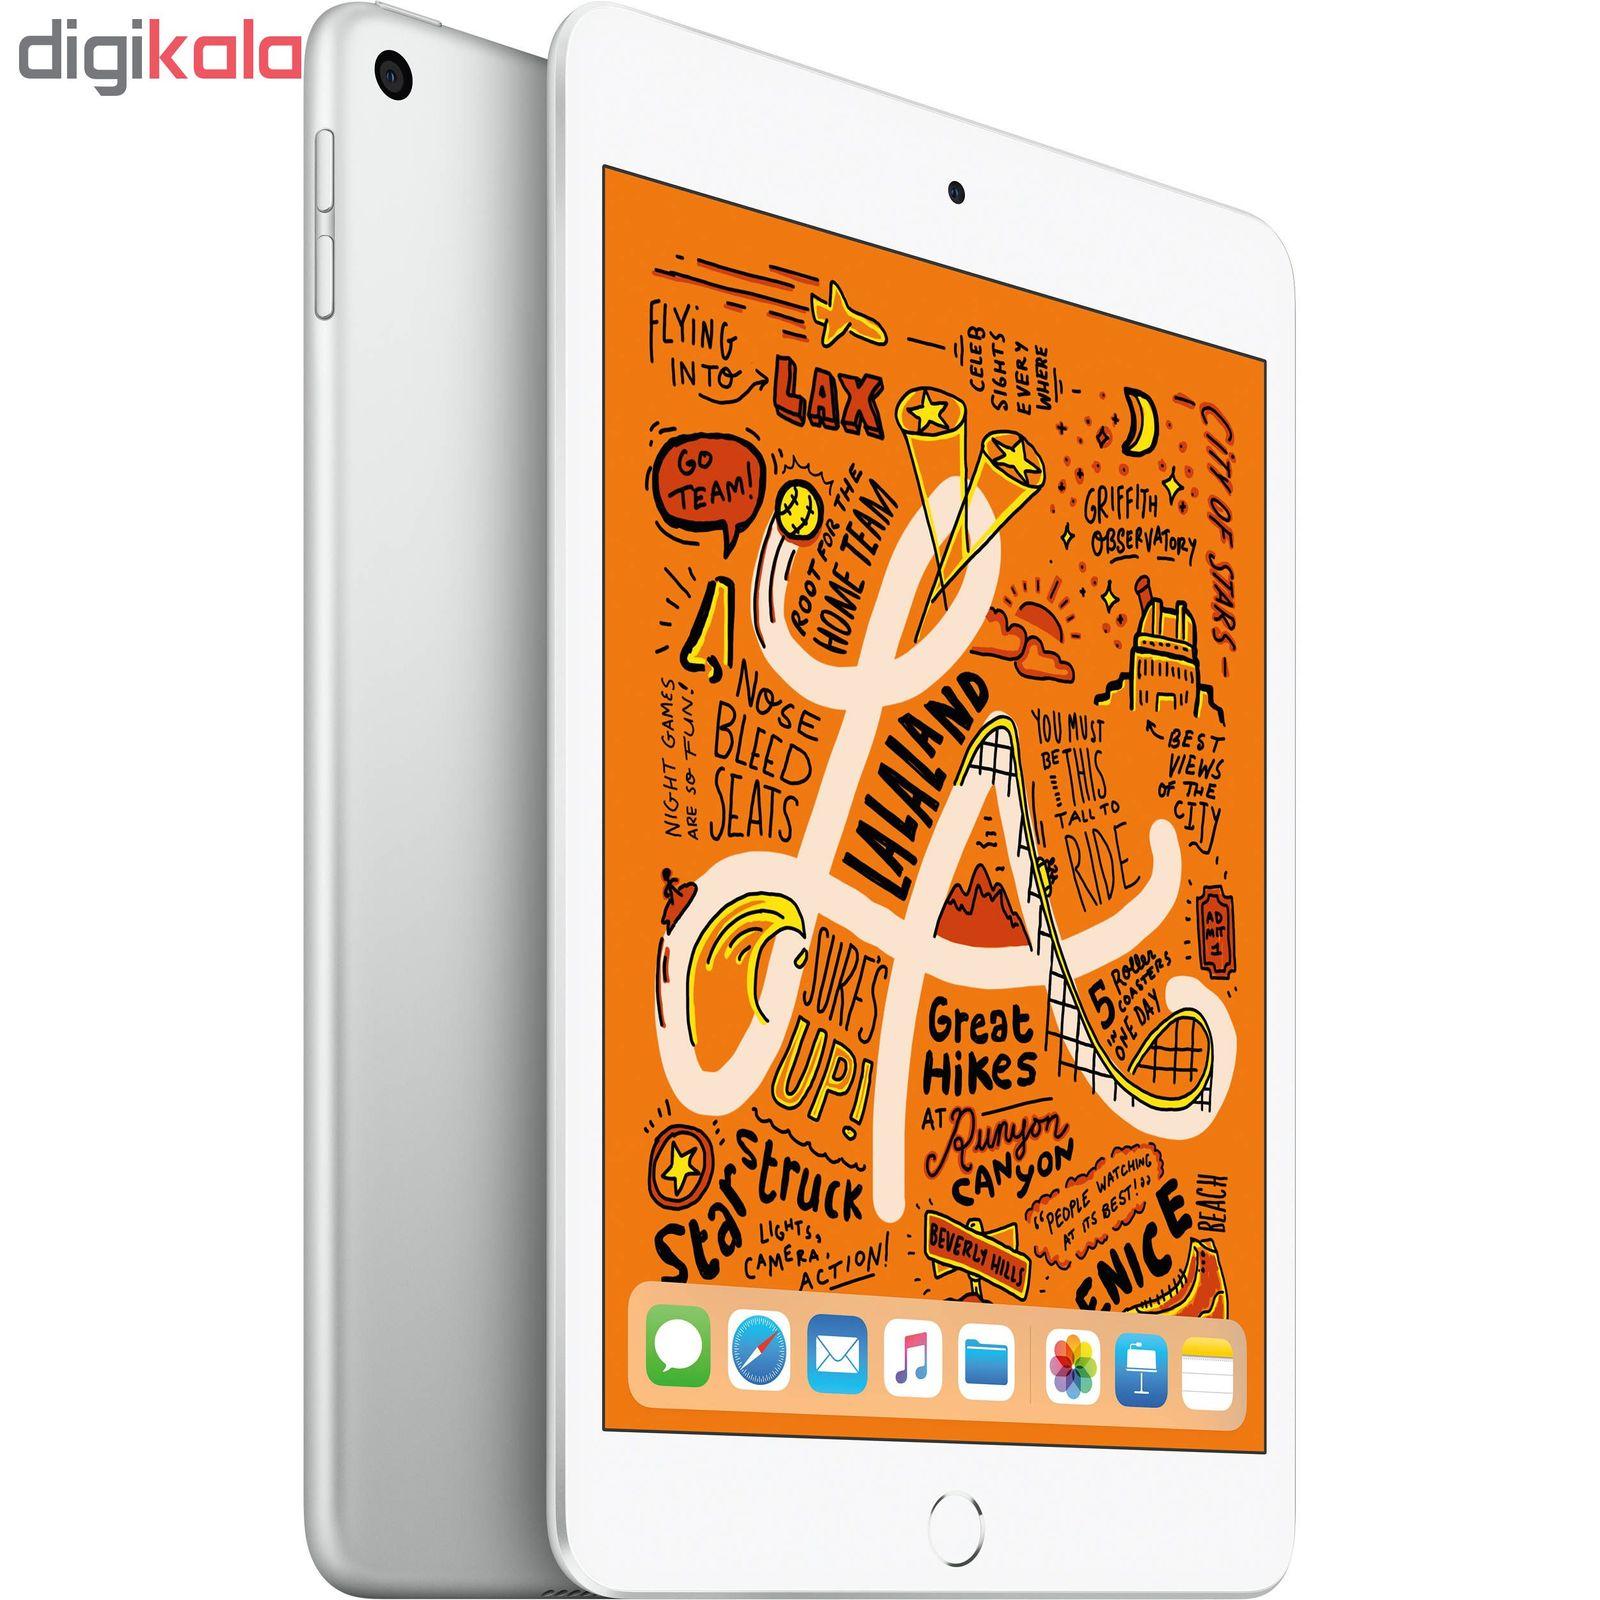 تبلت اپل مدل iPad Mini 5 2019 7.9 inch WiFi ظرفیت 64 گیگابایت main 1 5